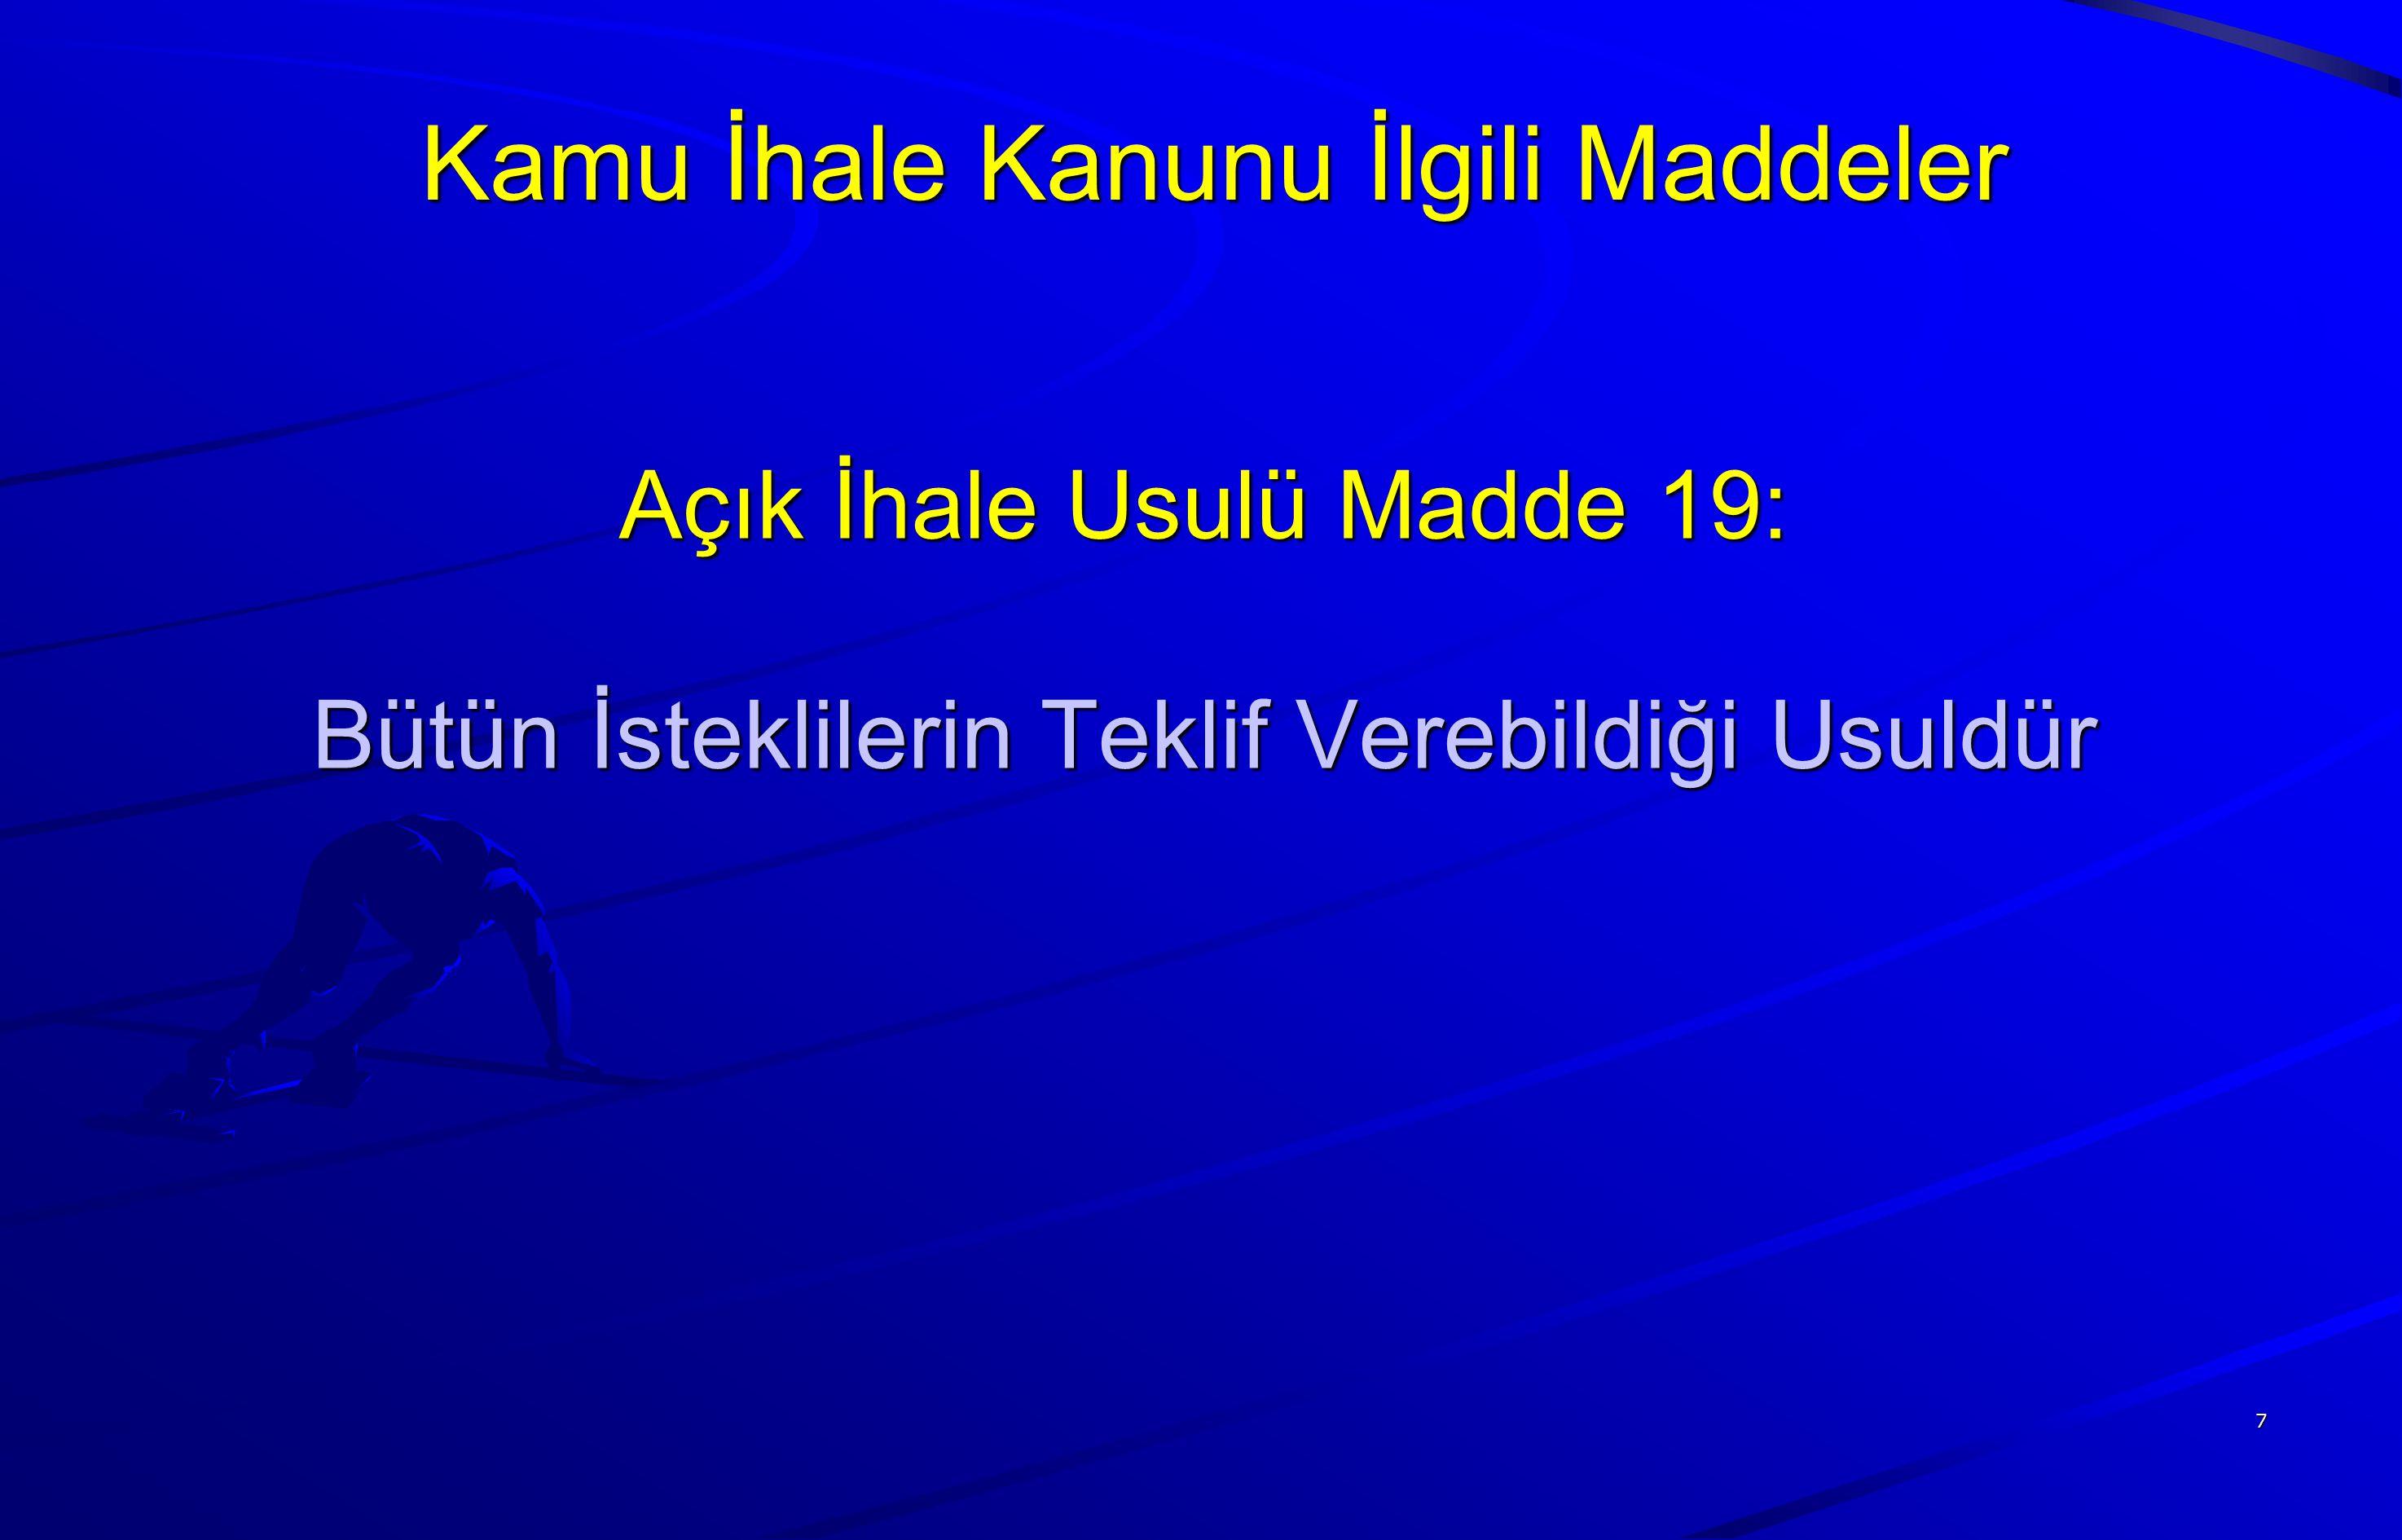 Doğrudan temin Madde 22-D : Büyükşehir belediyesi sınırları dahilinde bulunan kırkdörtbin ikiyüzseksenyedi Türk Lirası aşmayan ihtiyaçları ile temsil ağırlama faaliyetleri kapsamında yapılacak konaklama, seyahat ve iaşeye ilişkin alımlar 8